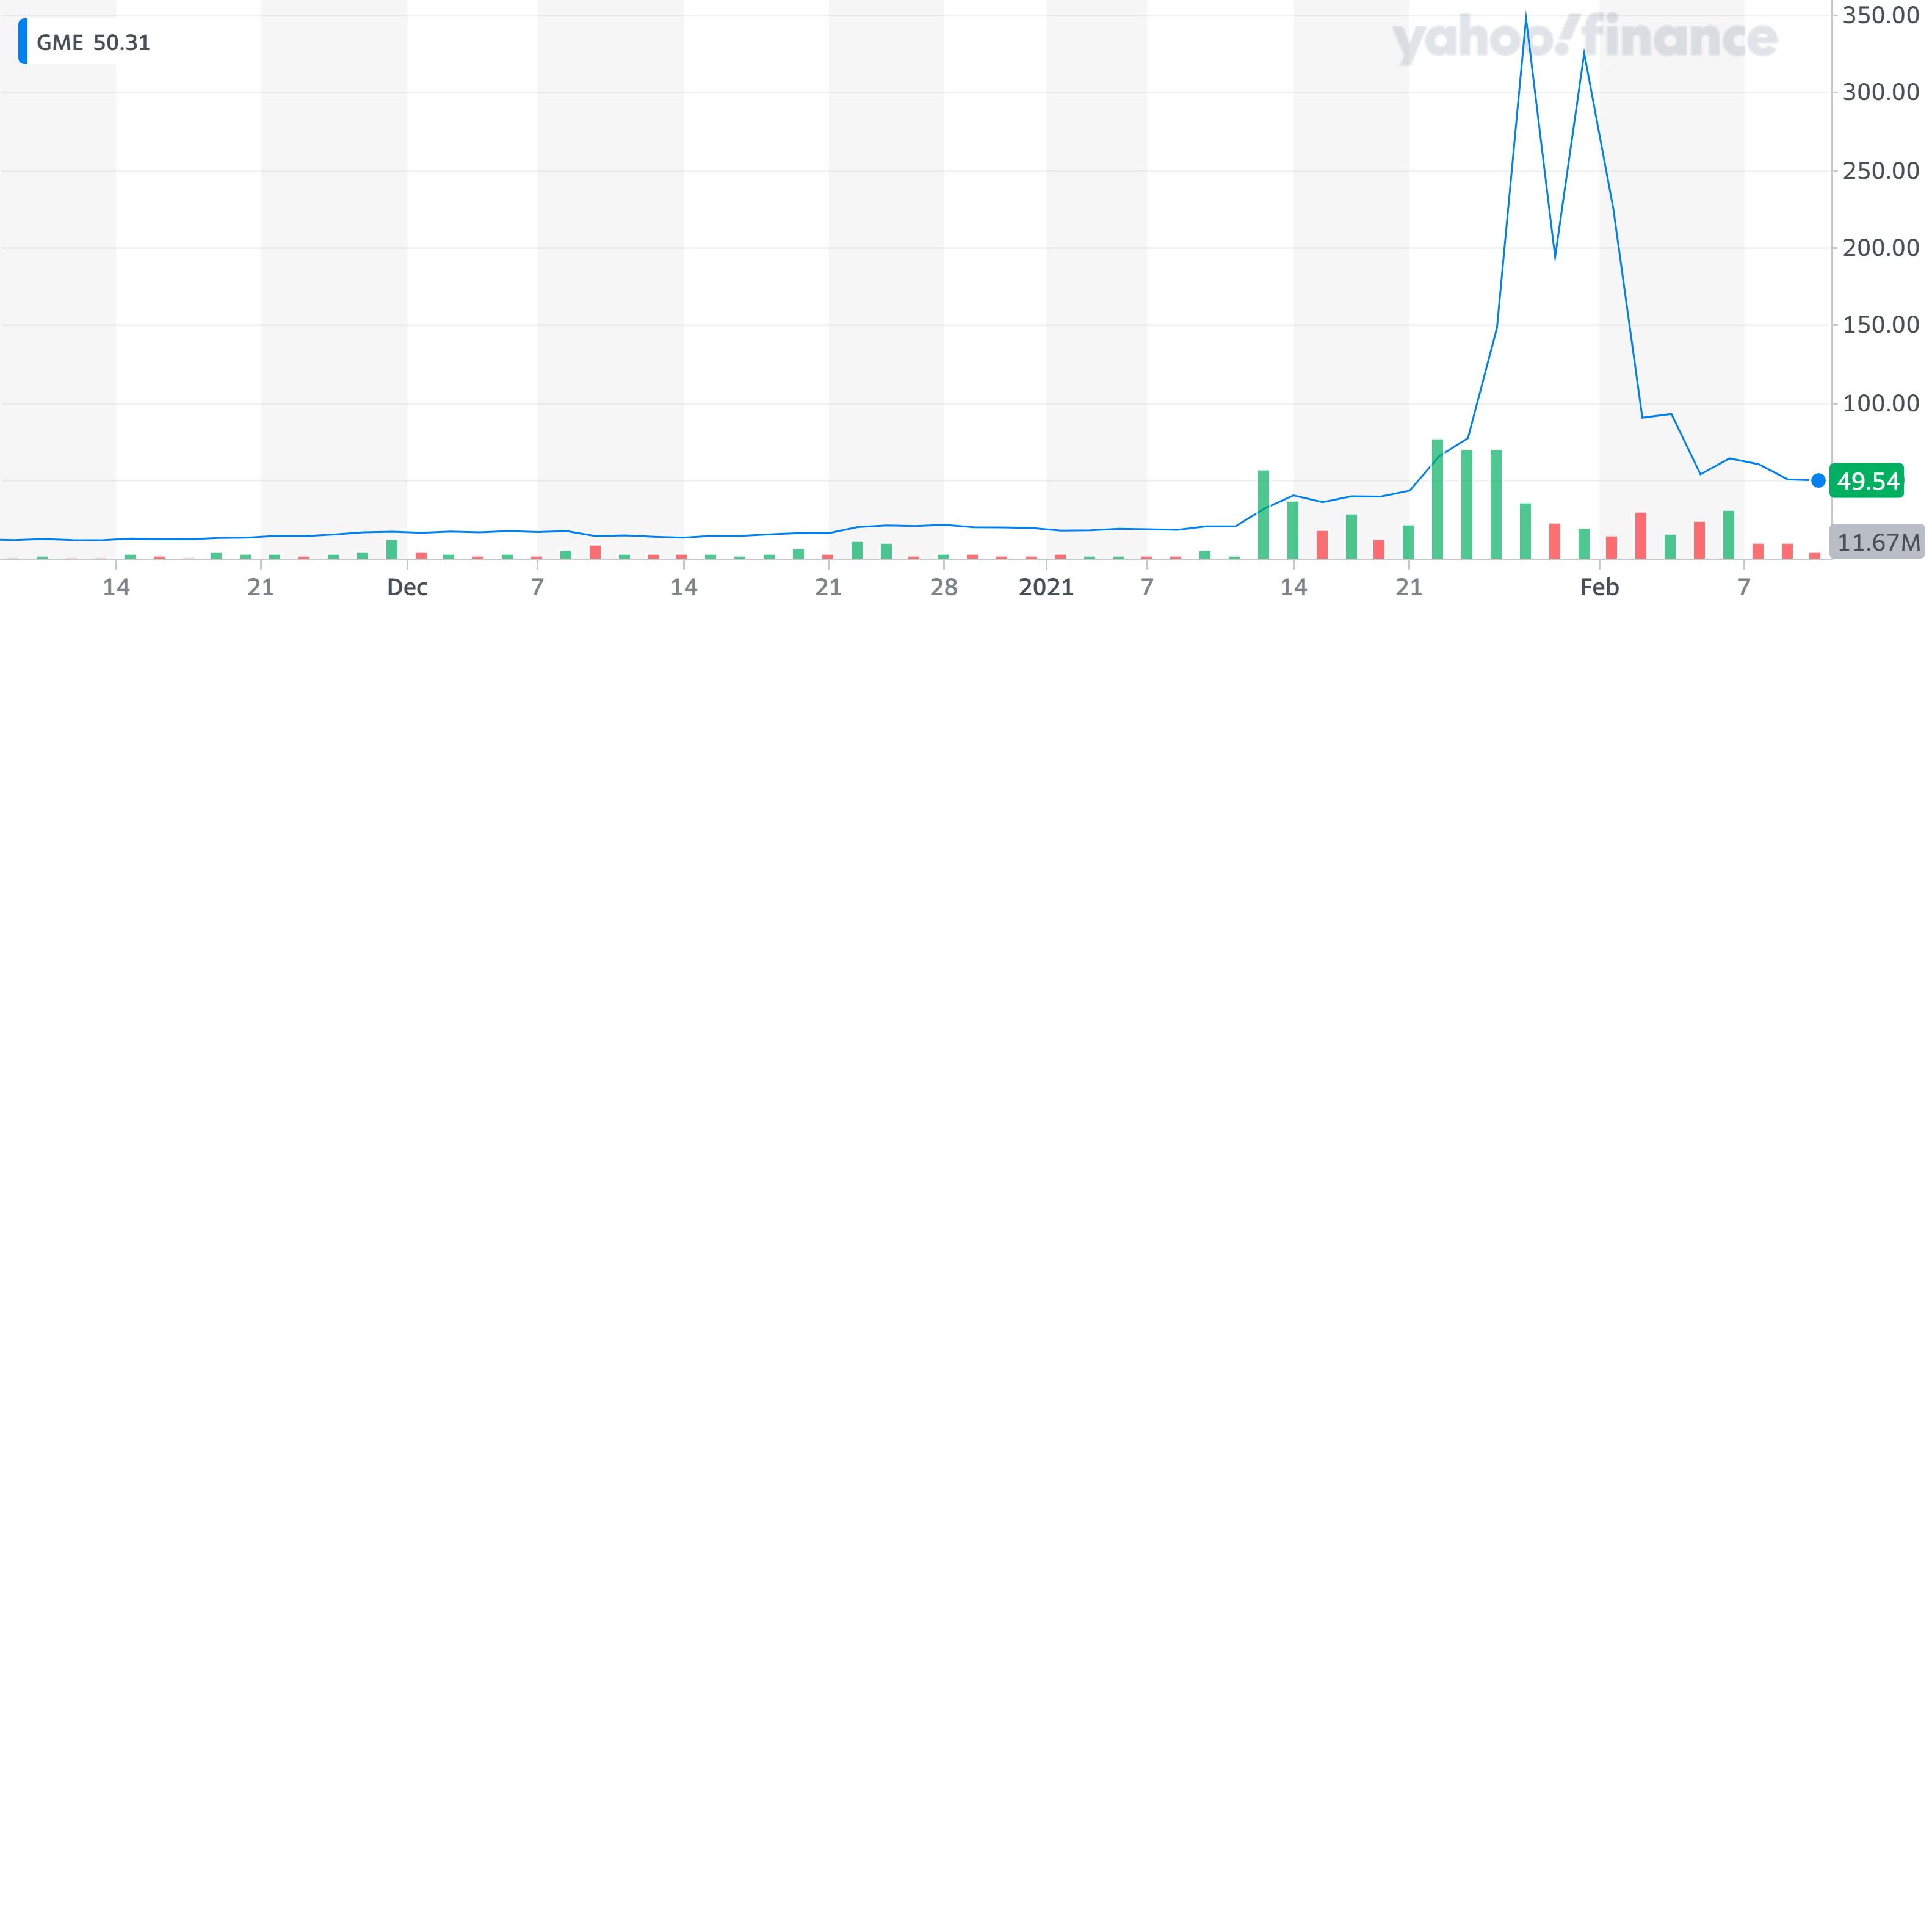 """GME-Yahoo-Finance-Chart"""" border=""""0"""